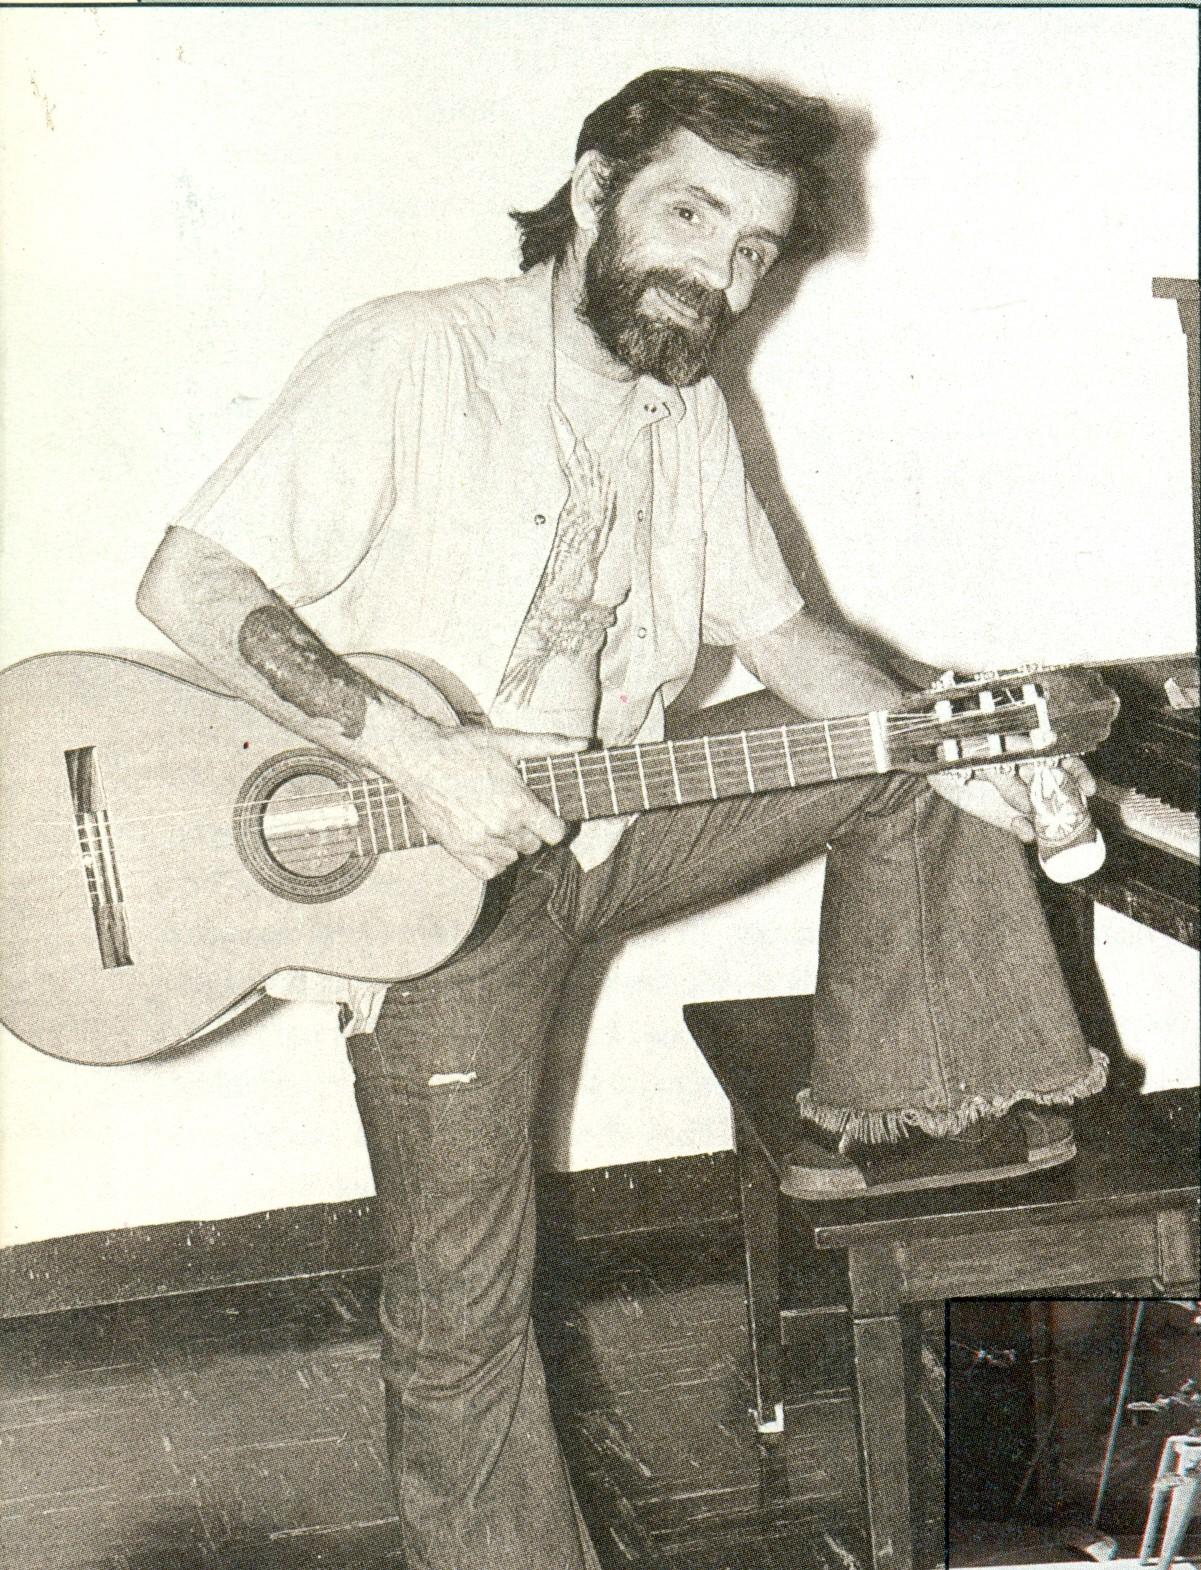 Manson tras salir de la cárcel en 1967